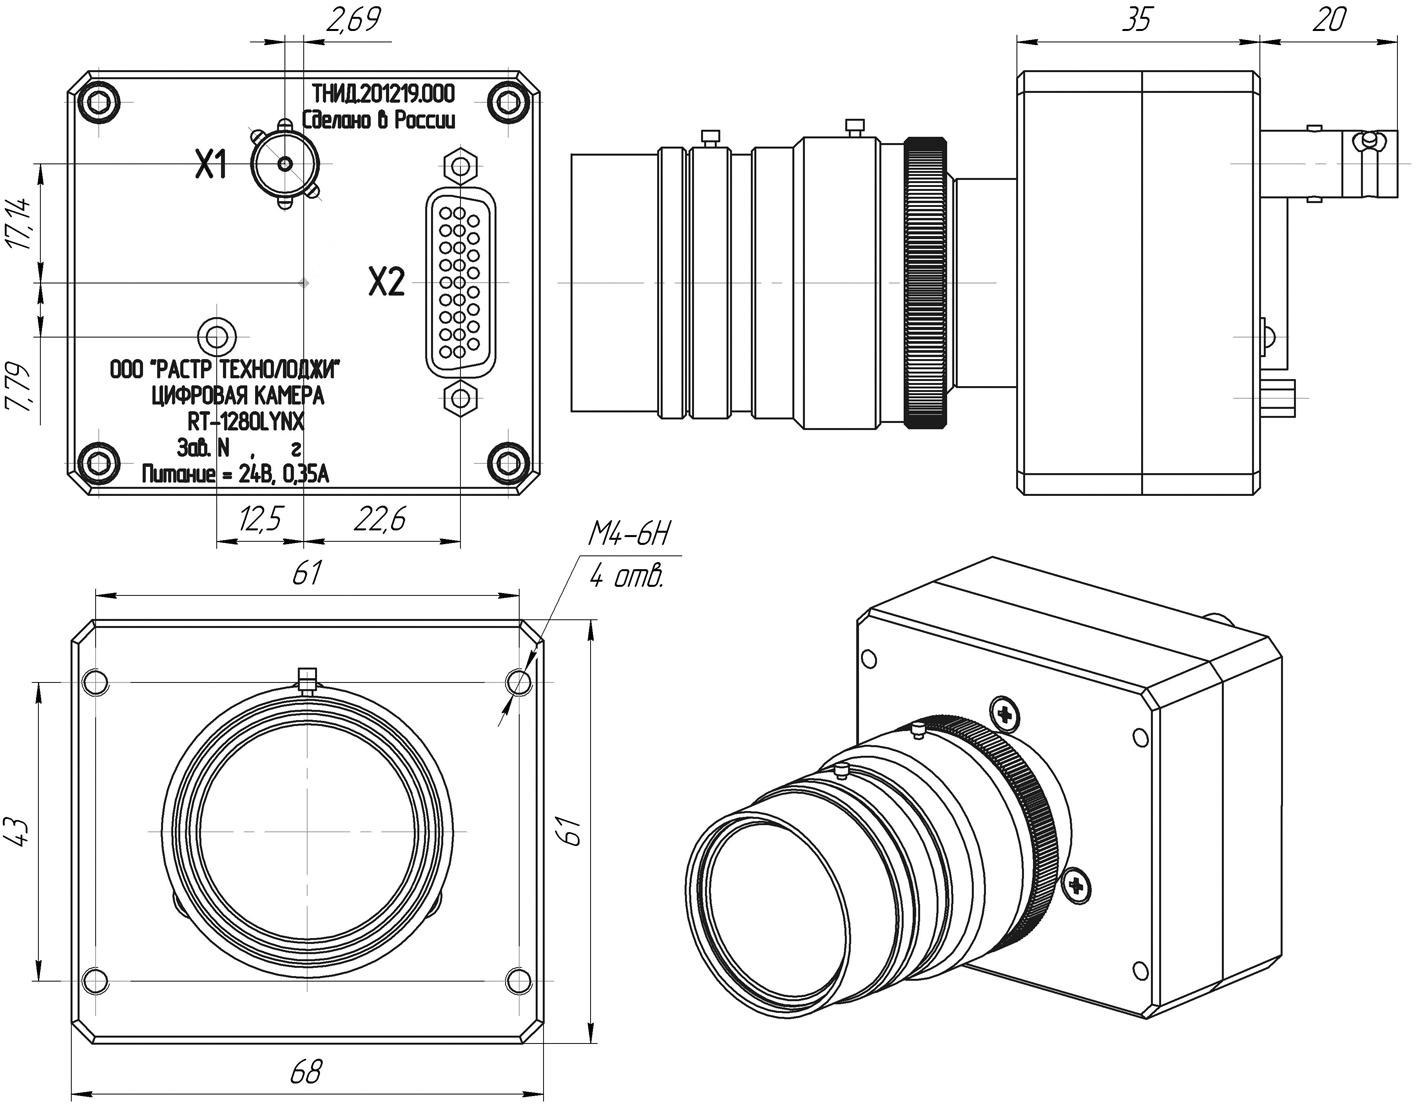 Цифровая камера RT-1280LYNX на базе КМОП сенсора LYNX